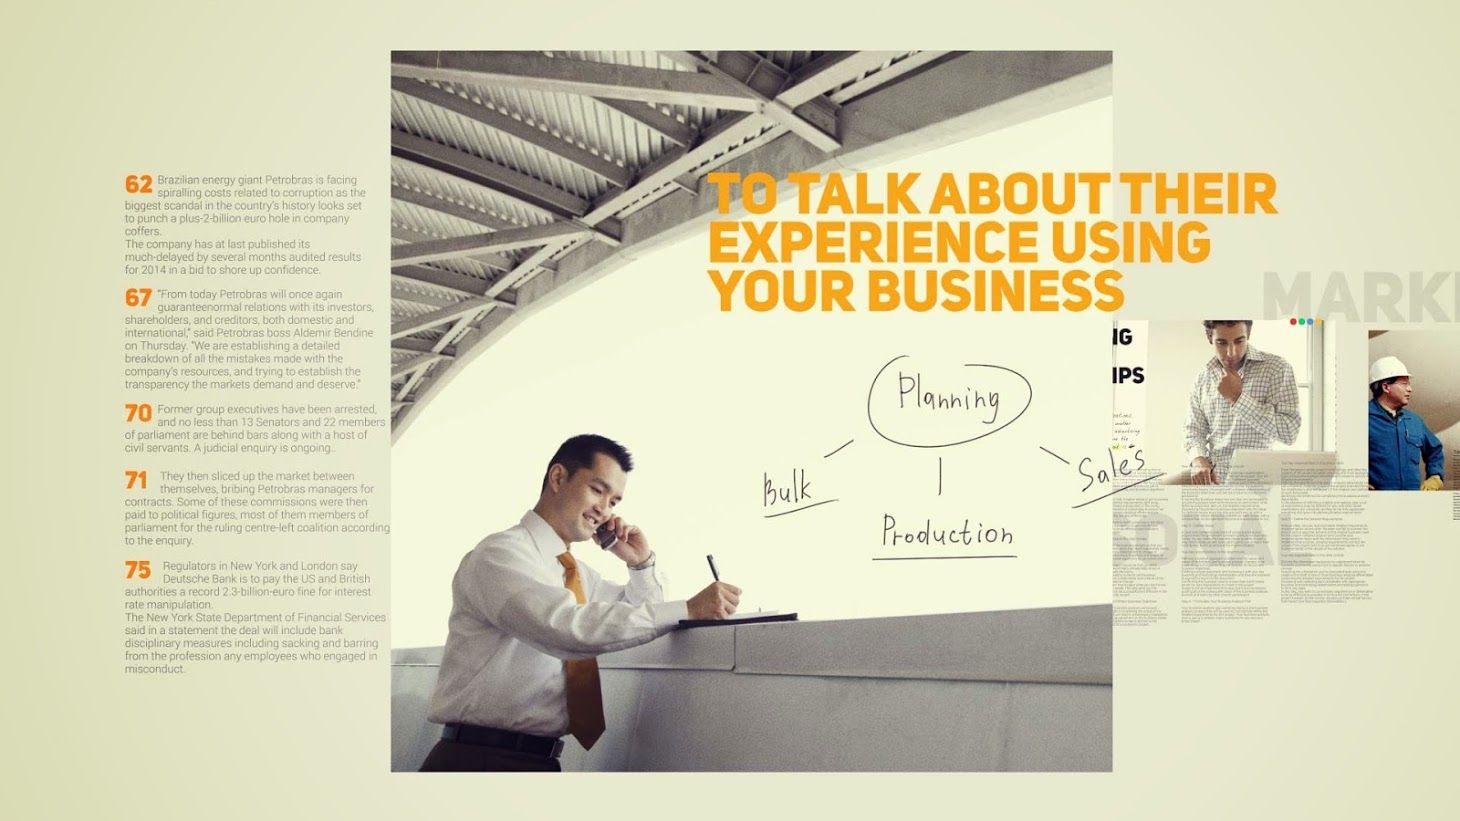 پرومو تیزر تبلیغاتی کسب و کار افترافکت